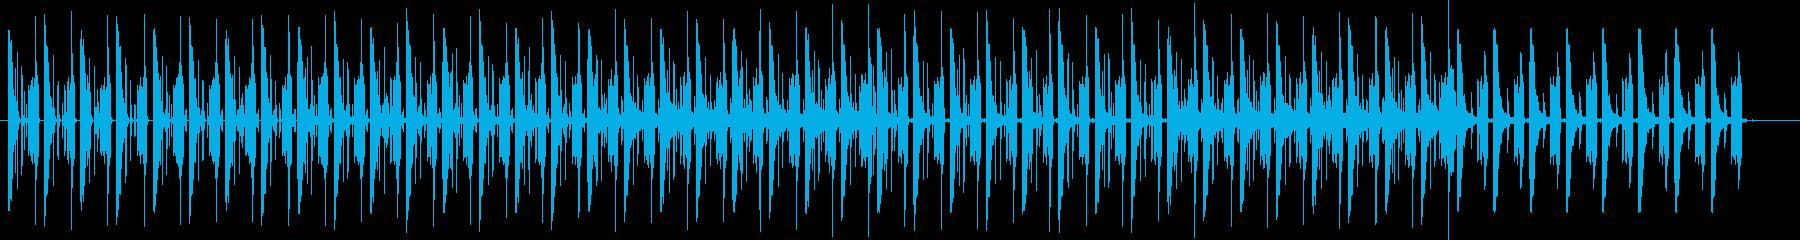 のんびり・ゆったりとしたい時に聞きたい曲の再生済みの波形